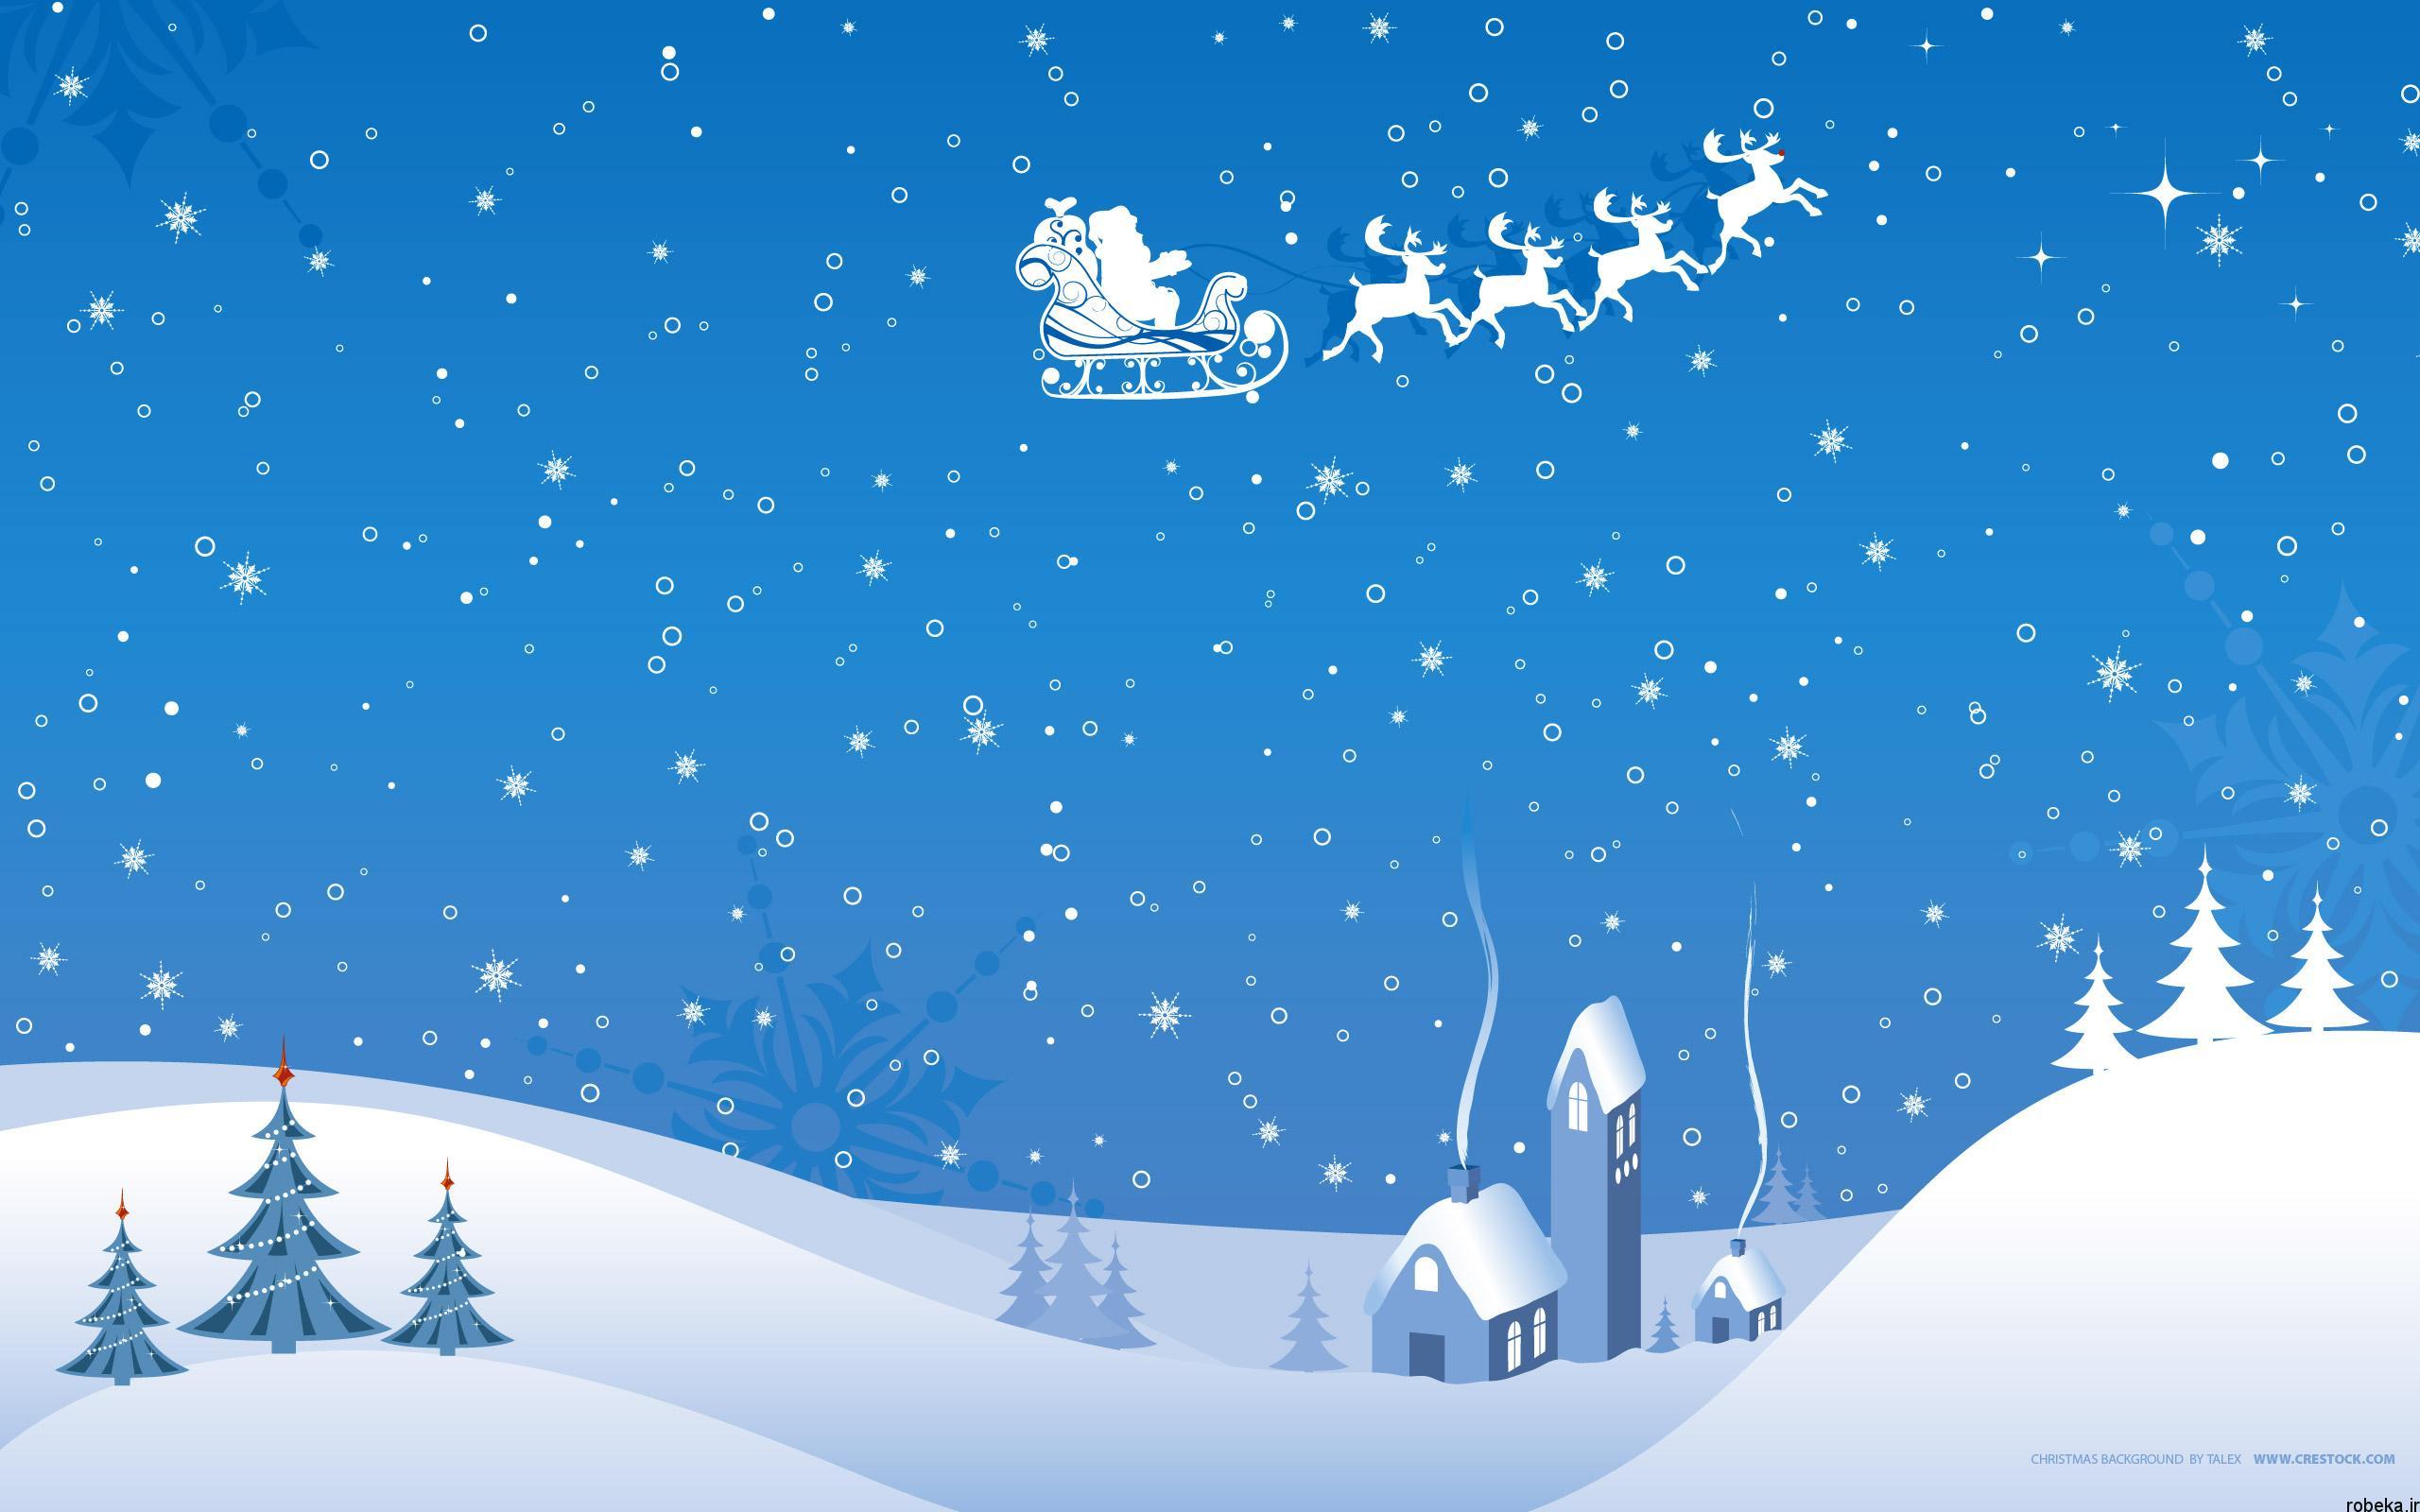 دانلود والپیپر کریسمس